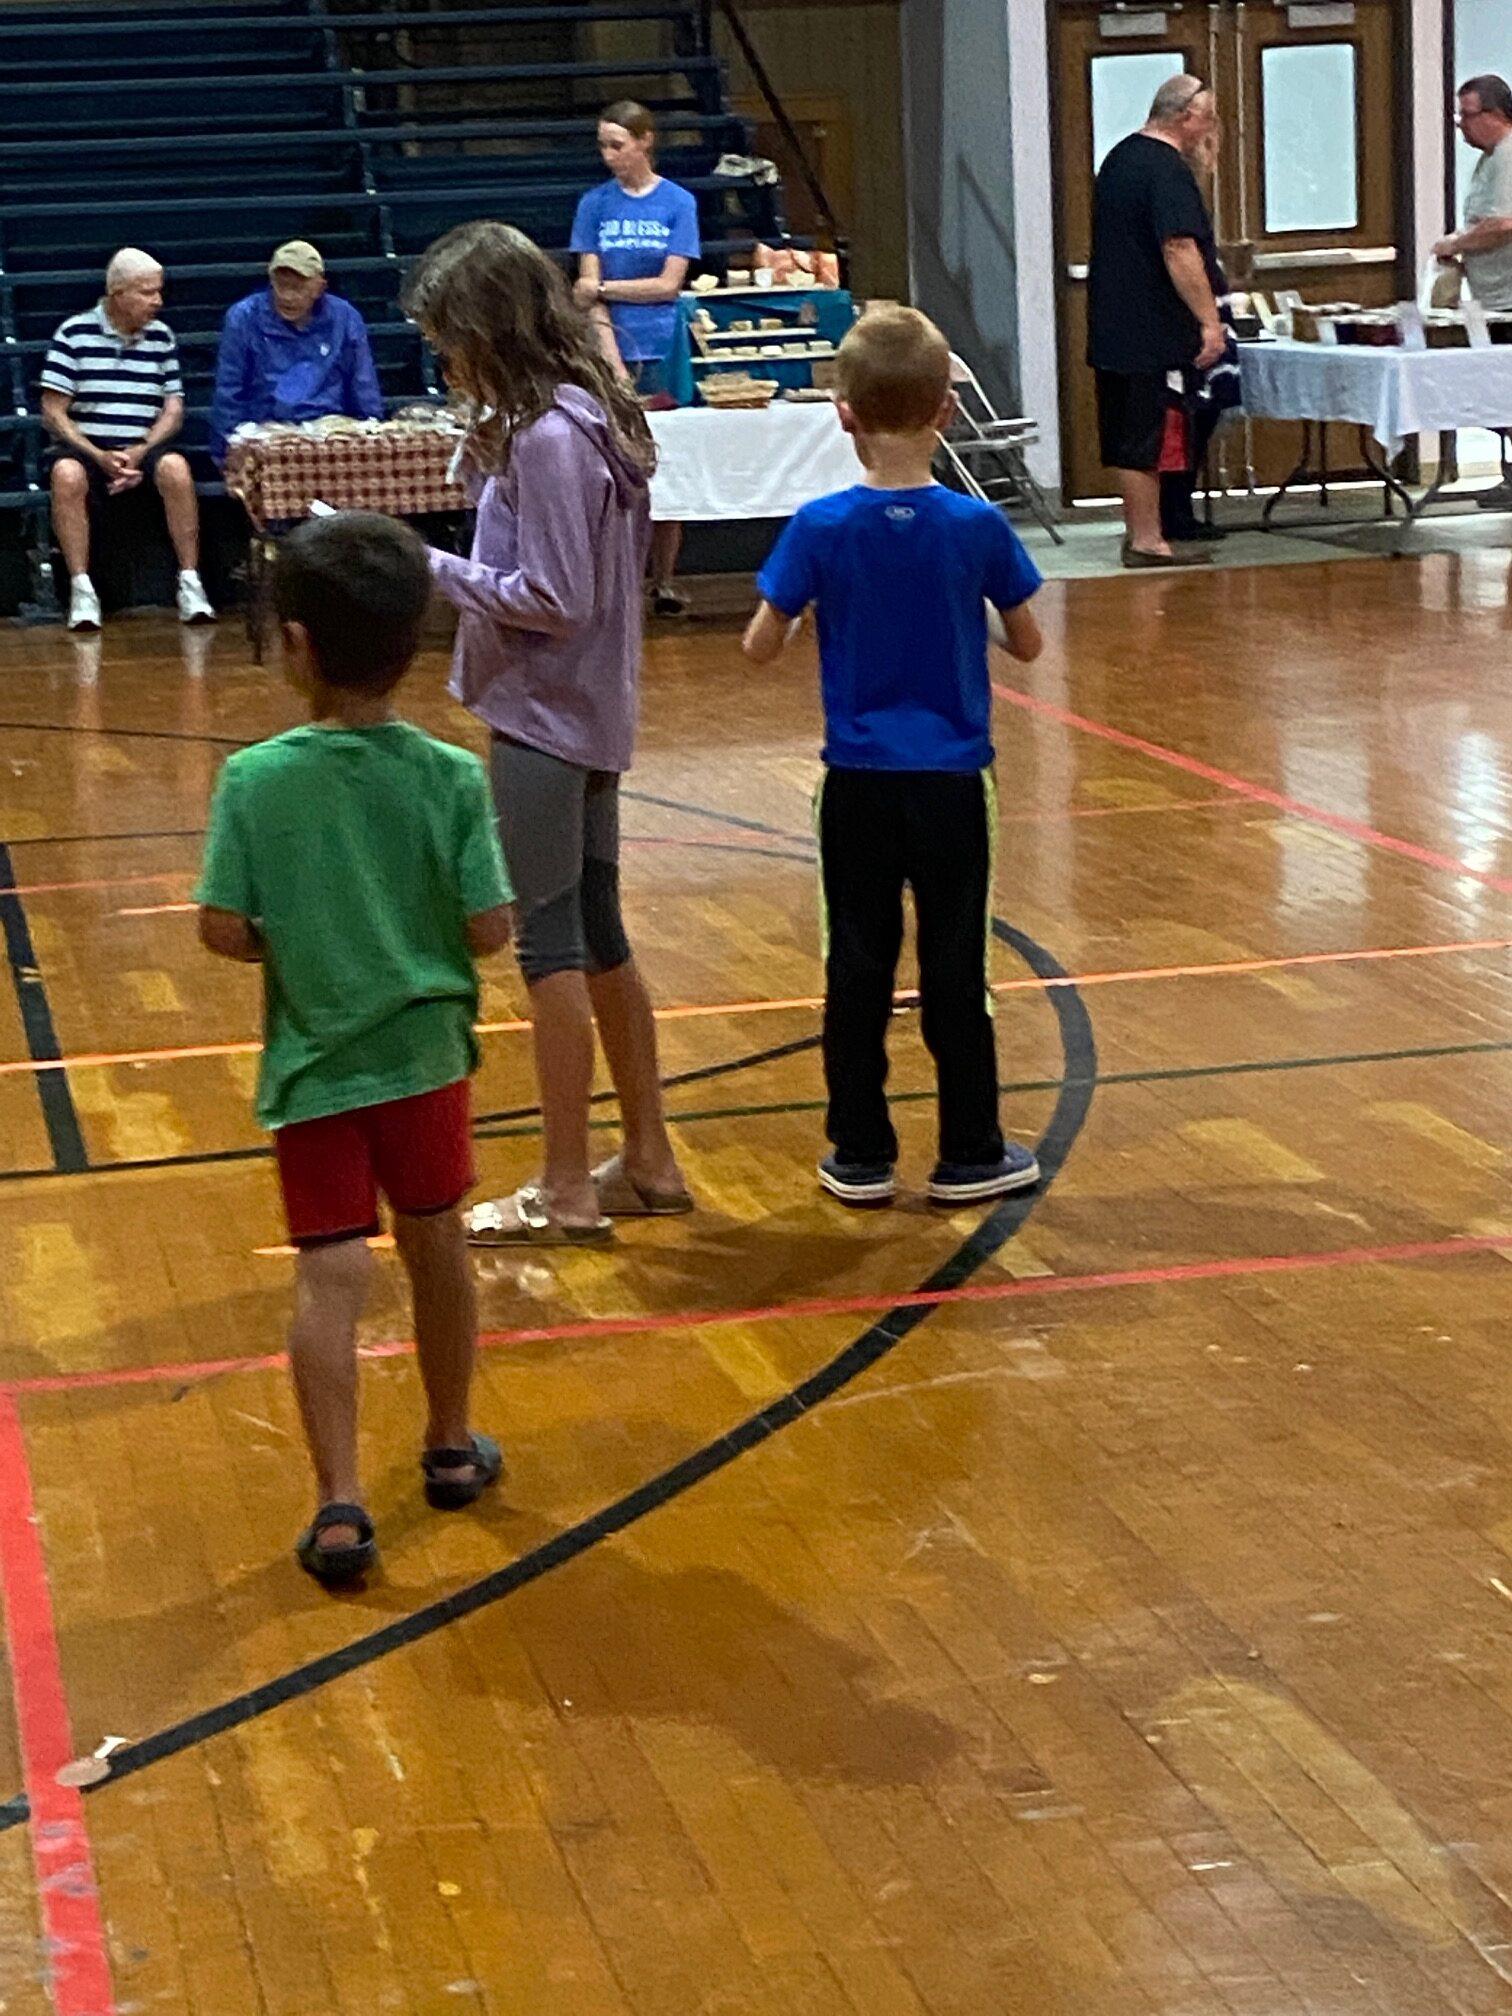 kids deciding which vendor to go to next